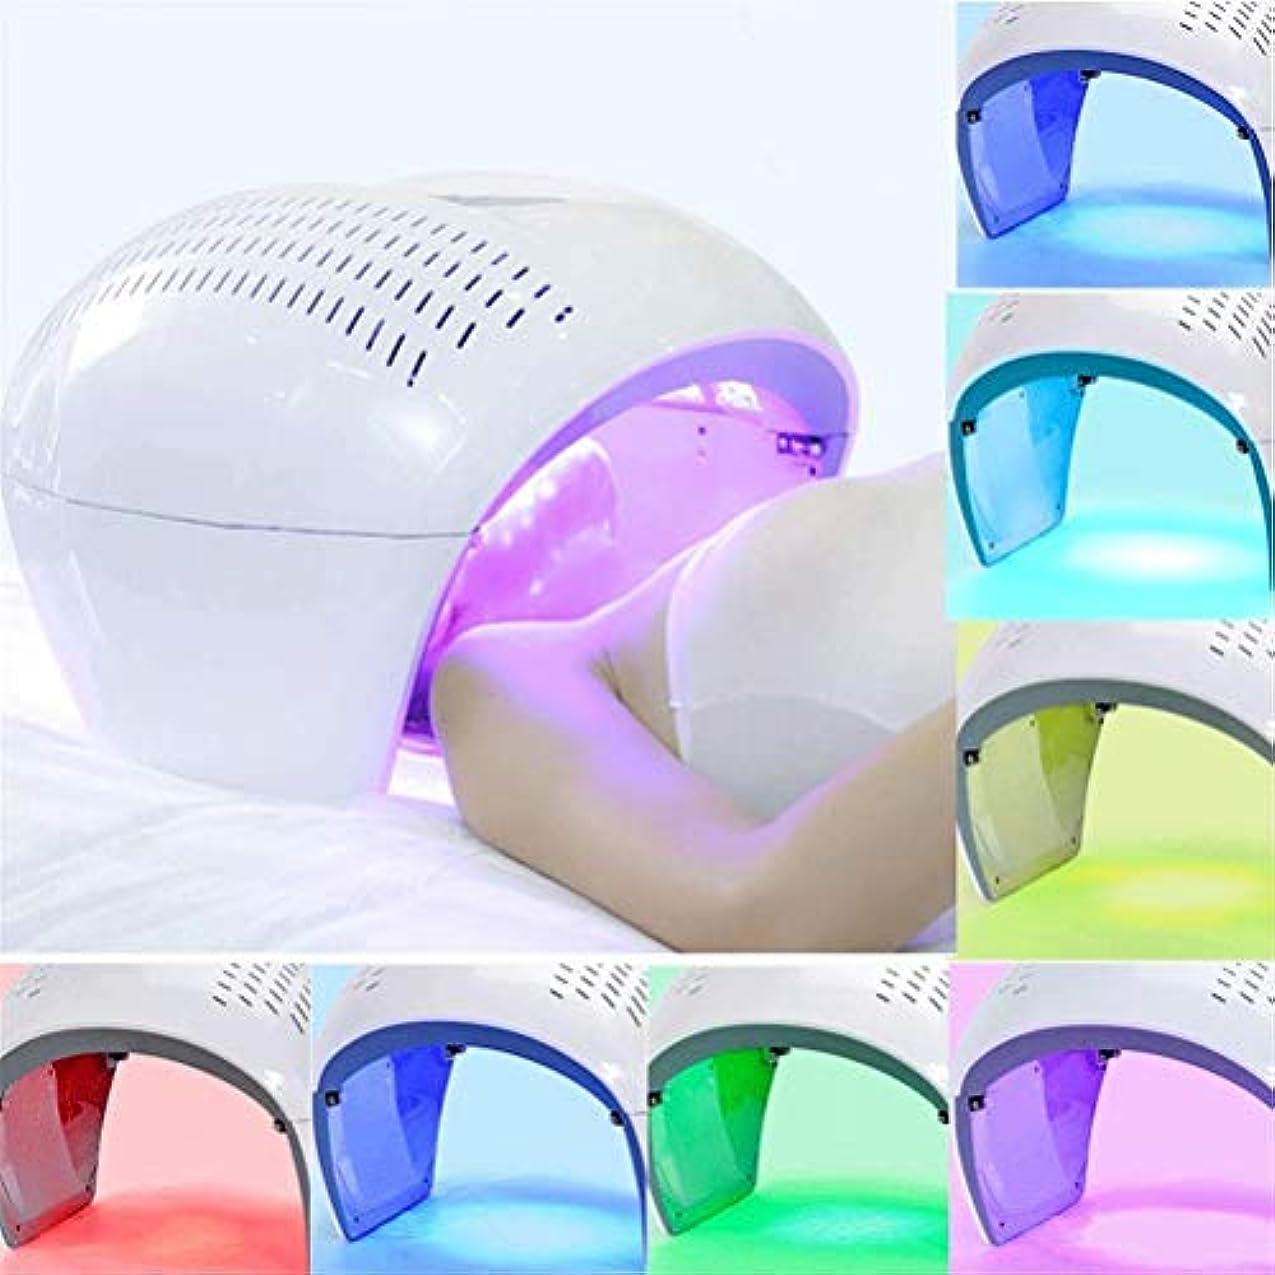 銅新鮮な賞美容機、ホームサロンの使用のためにフェイシャルマスクセラピーライトポータブル光子PDTにきび治療しわ除去アンチエイジング肌の若返りスキンケア美容機LED - 7色の